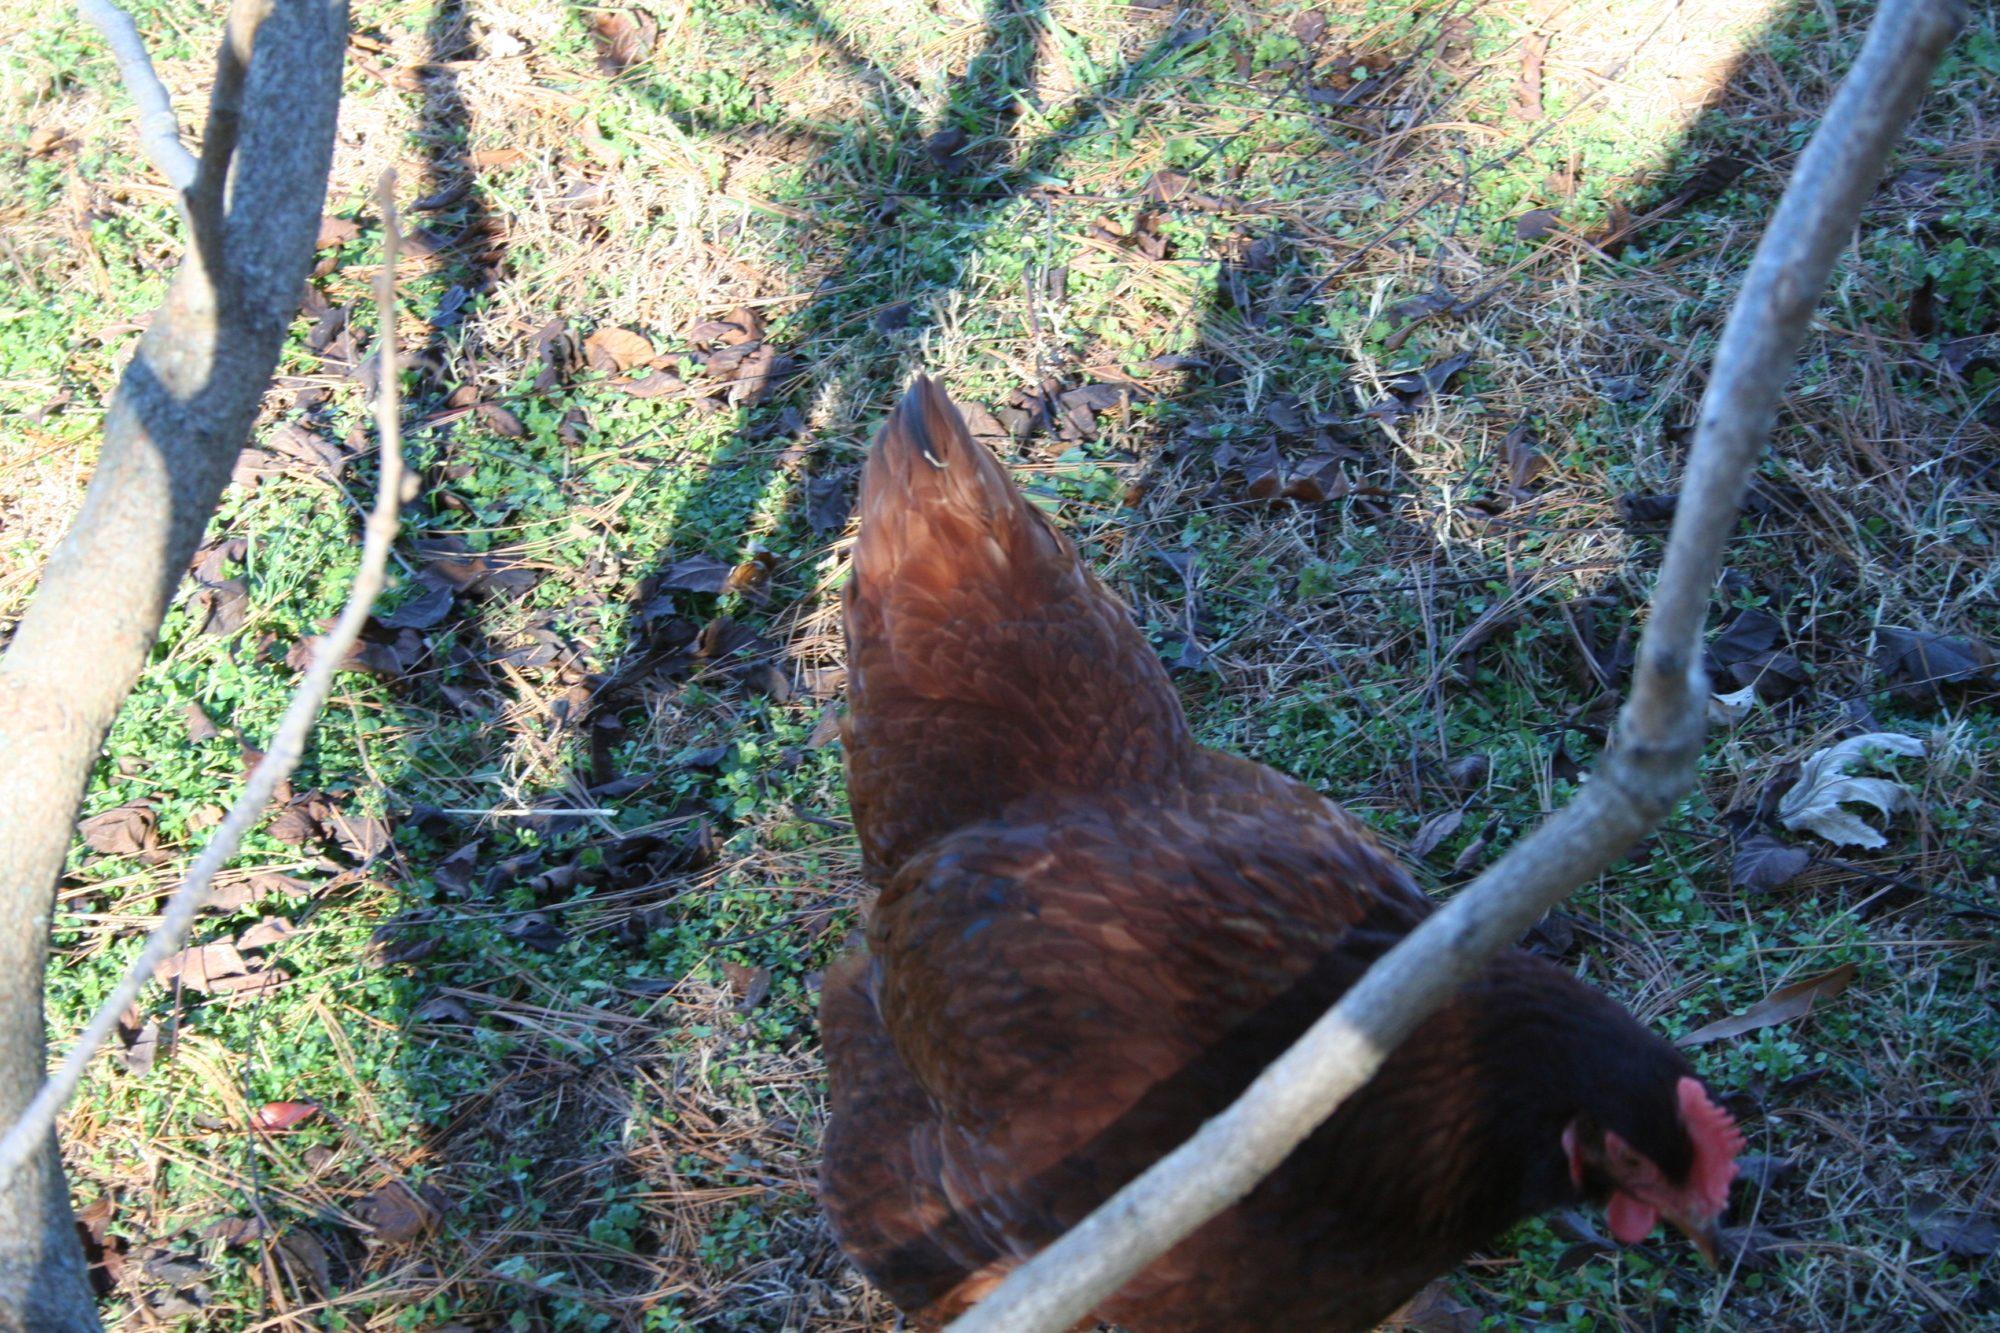 GertrudeLover01's photos in happy hen show